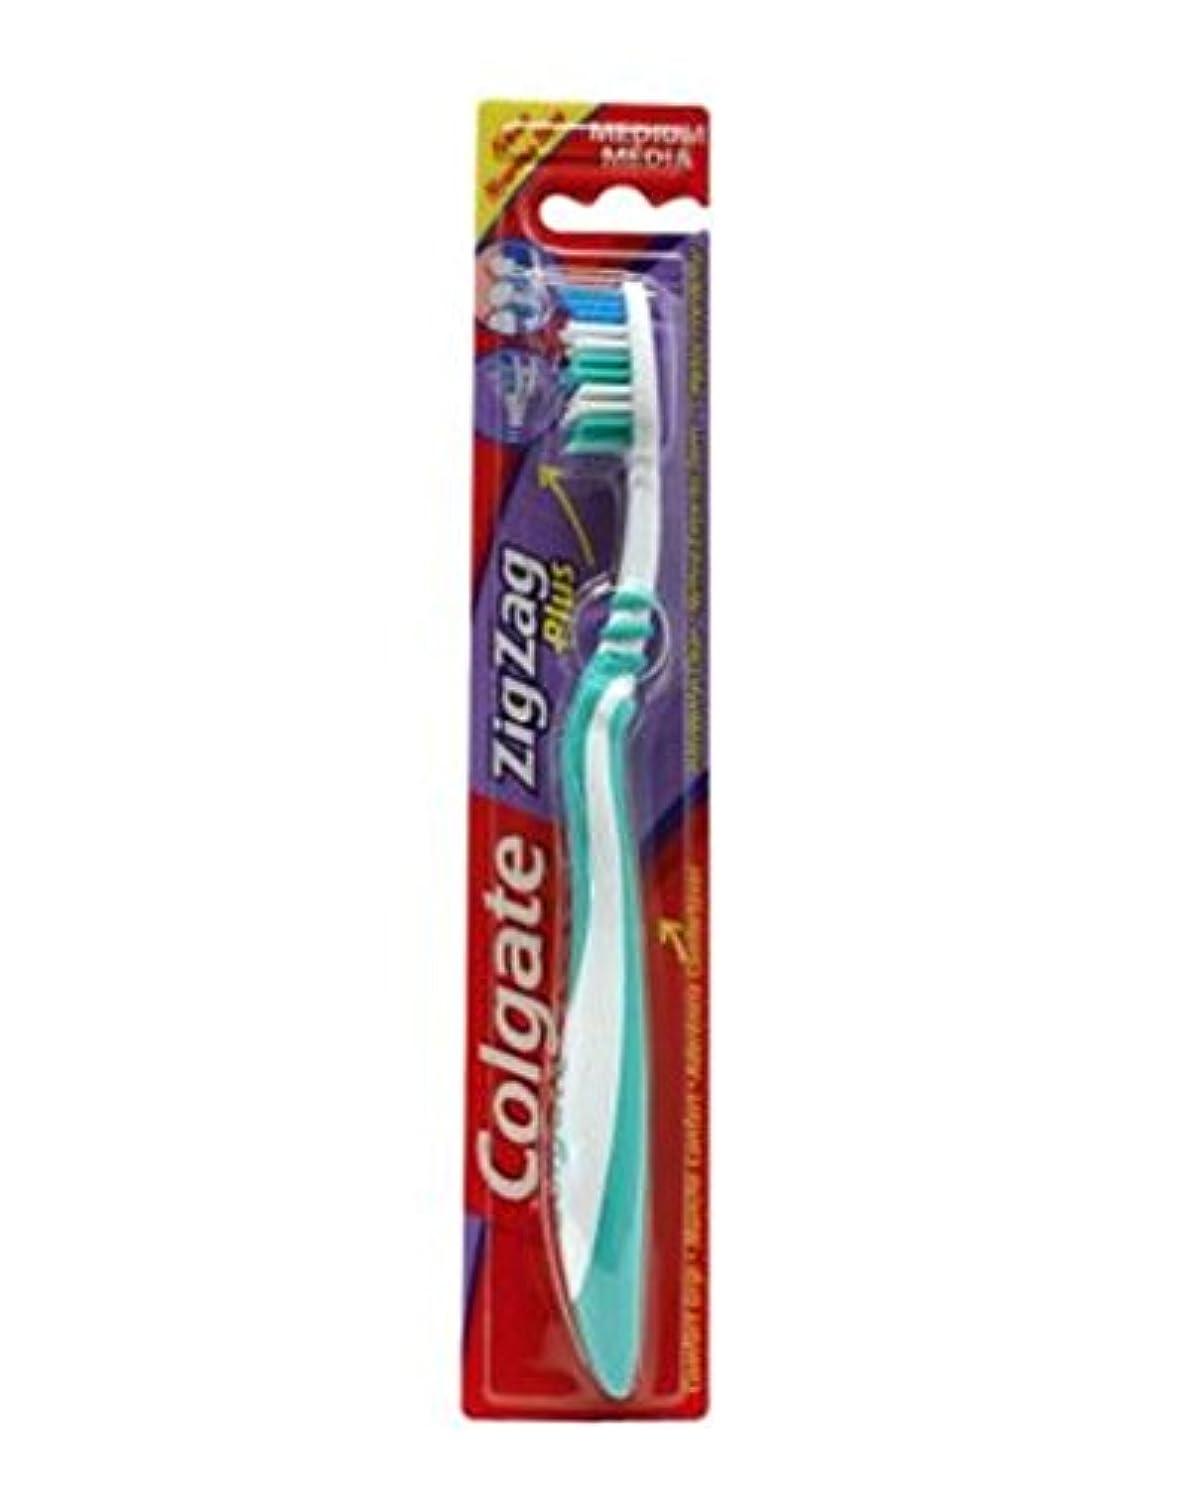 非互換きれいに良心Colgate Zig Zag Plus Toothbrush Medium - コルゲートジグザグプラス歯ブラシ媒体 (Colgate) [並行輸入品]